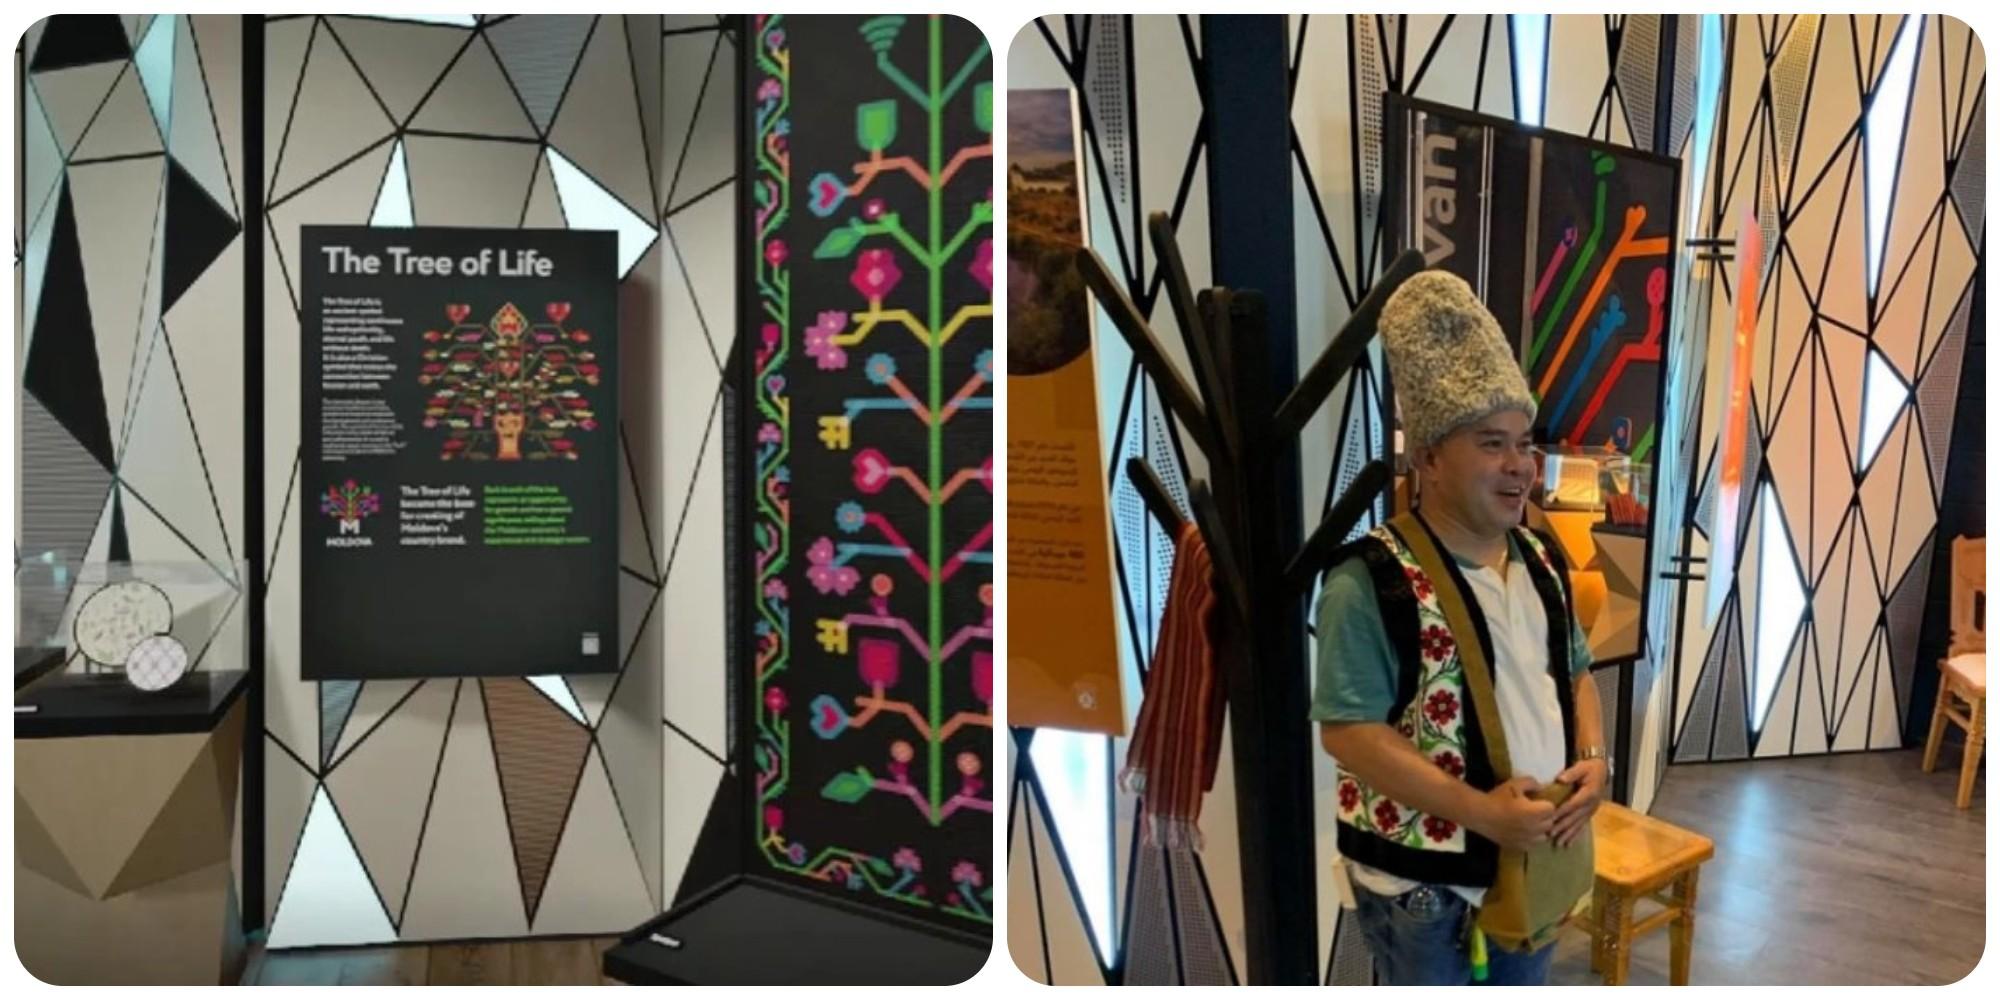 Foto: În doar două săptămâni, pavilionul țării noastre de la Expoziţia Mondială din Dubai a fost vizitată de peste 6000 de oameni